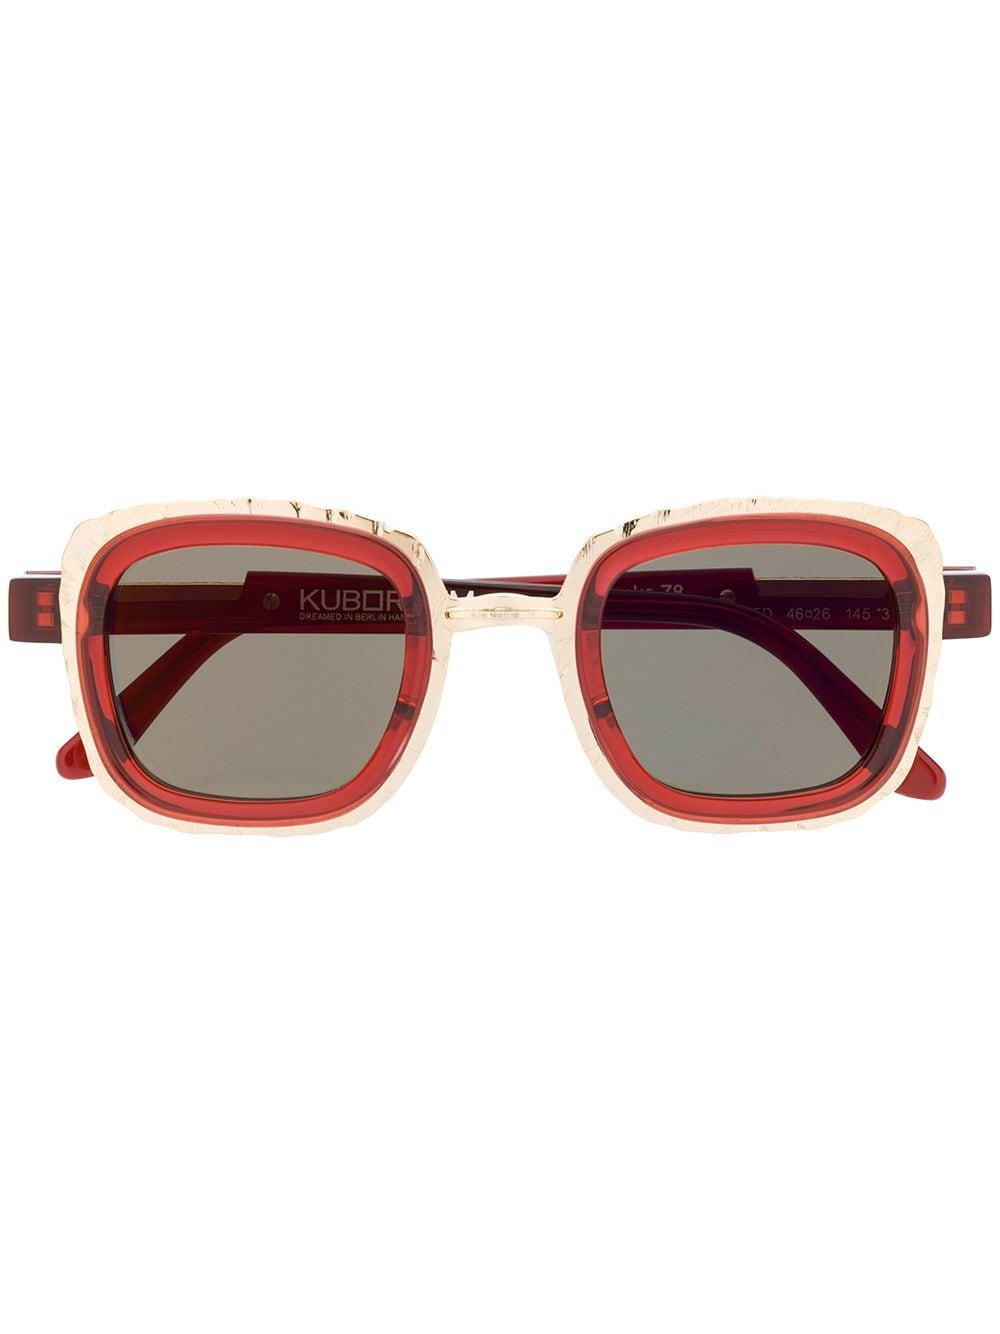 Kuboraum Sonnenbrille mit eckigem Gestell - Rot